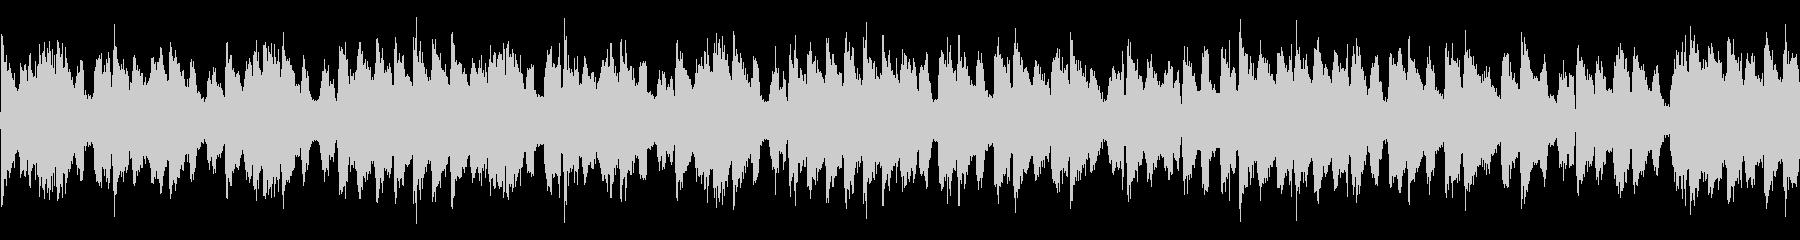 ある日の出来事 (Key E)の未再生の波形